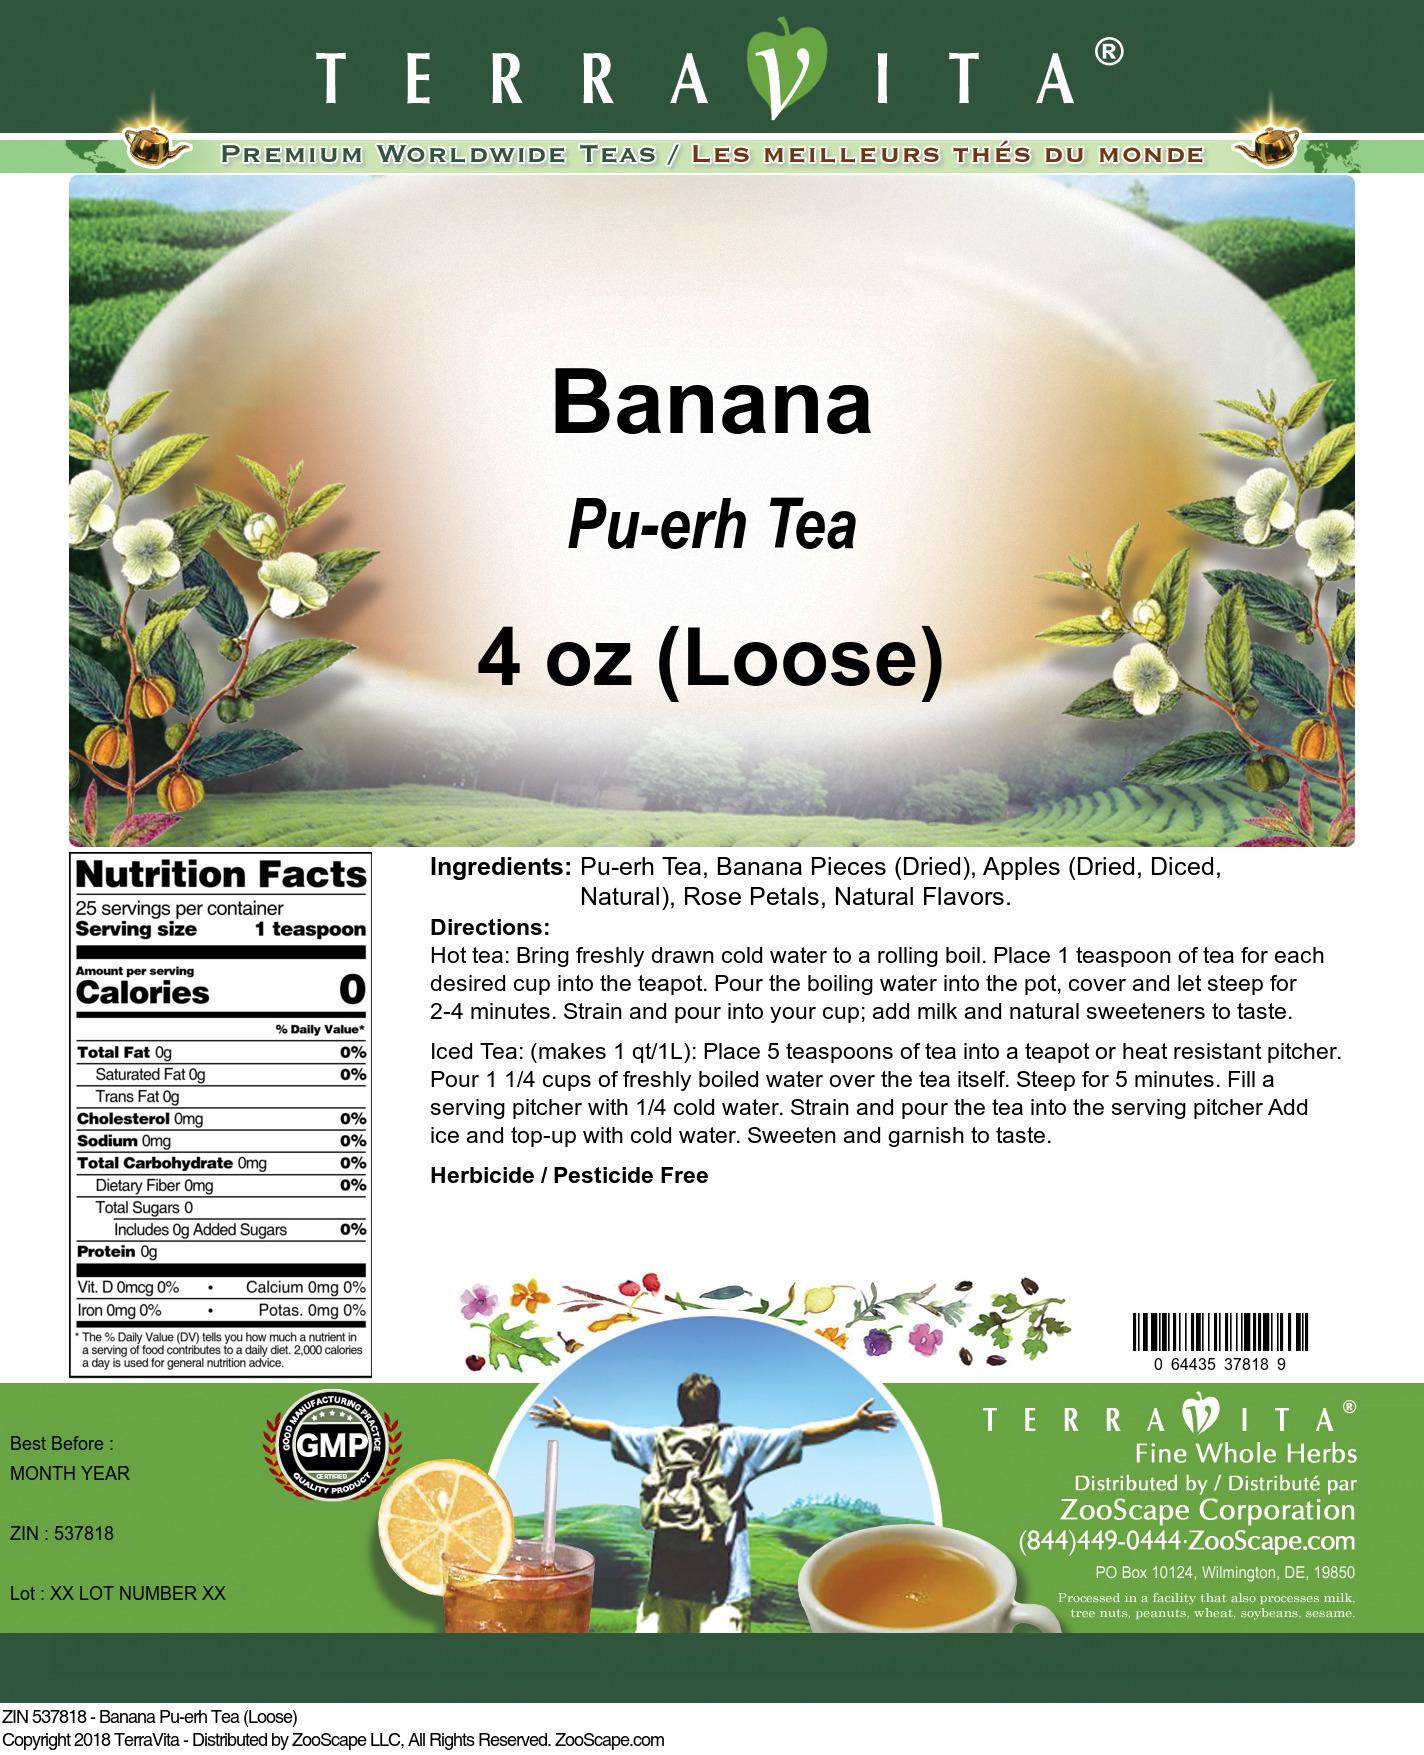 Banana Pu-erh Tea (Loose)